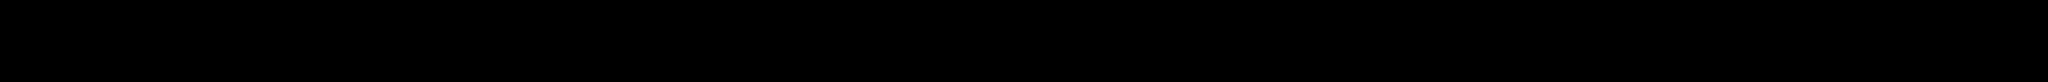 VAN WEZEL 1K0857521K, 1K0857537, 1K0857537GRU, 1K0949101, 1K1857507BG Retrovisor exterior